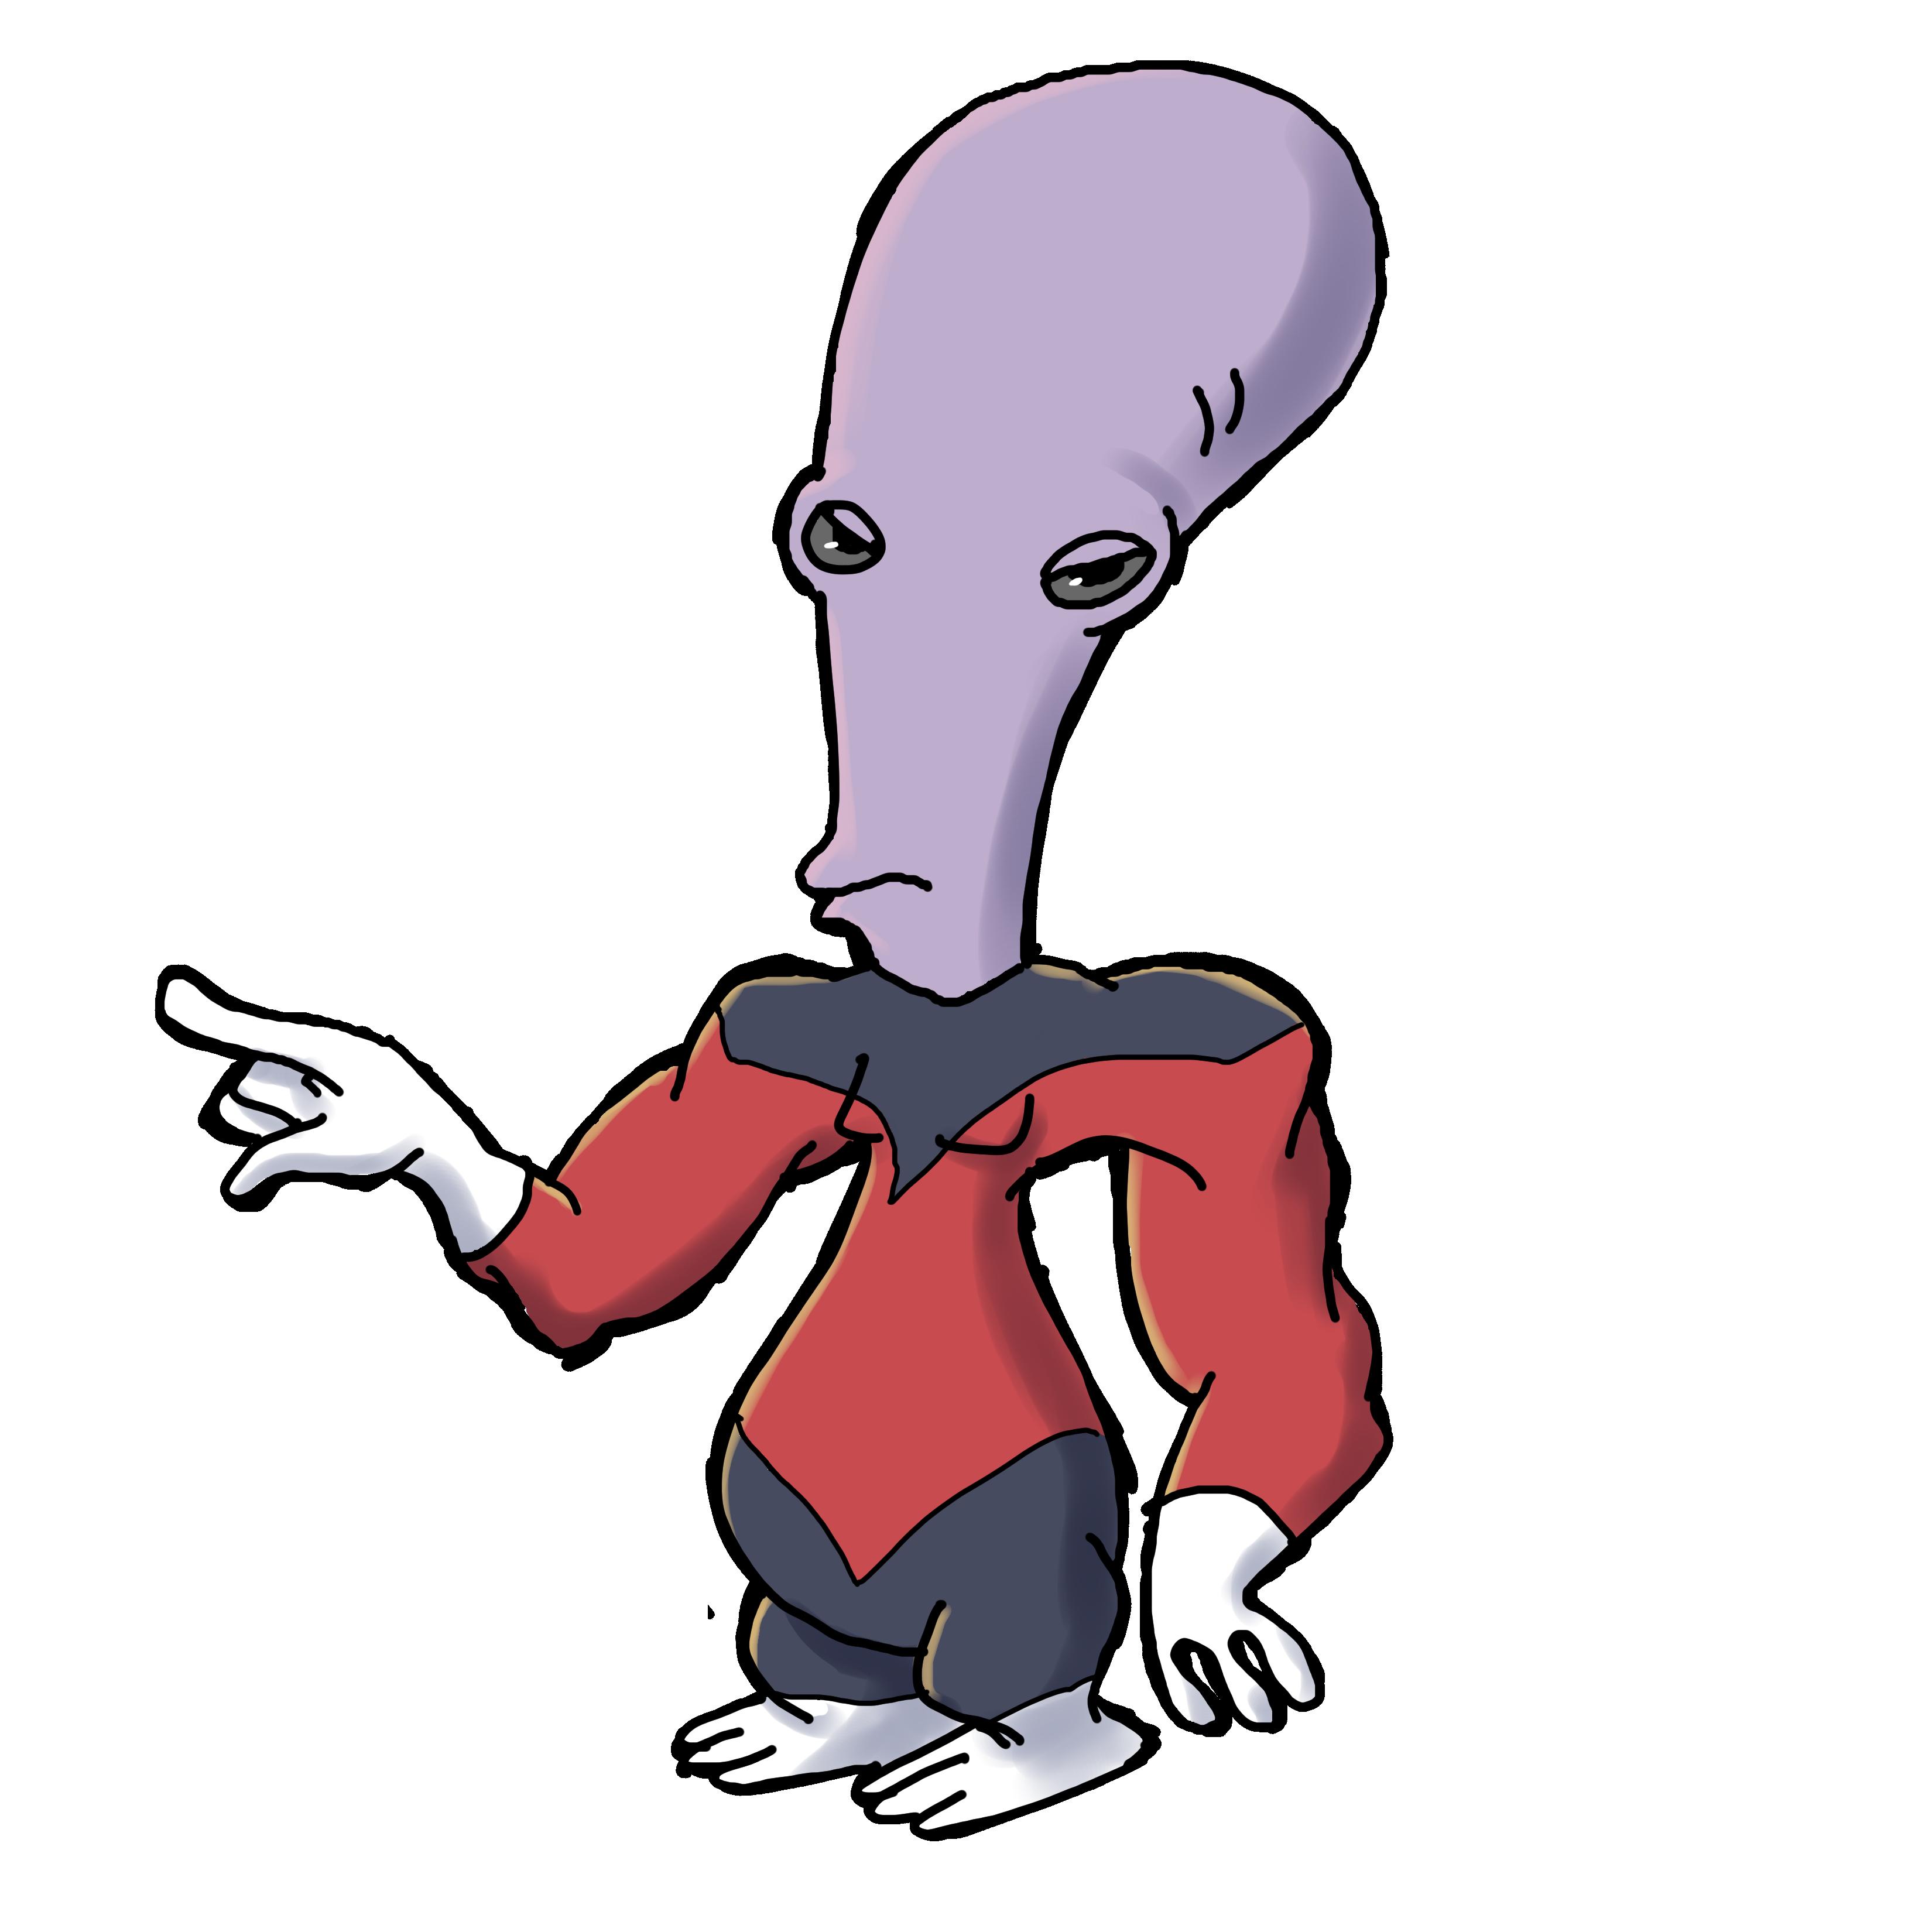 Roger Image Animated cartoon Dragon Ball Animation.